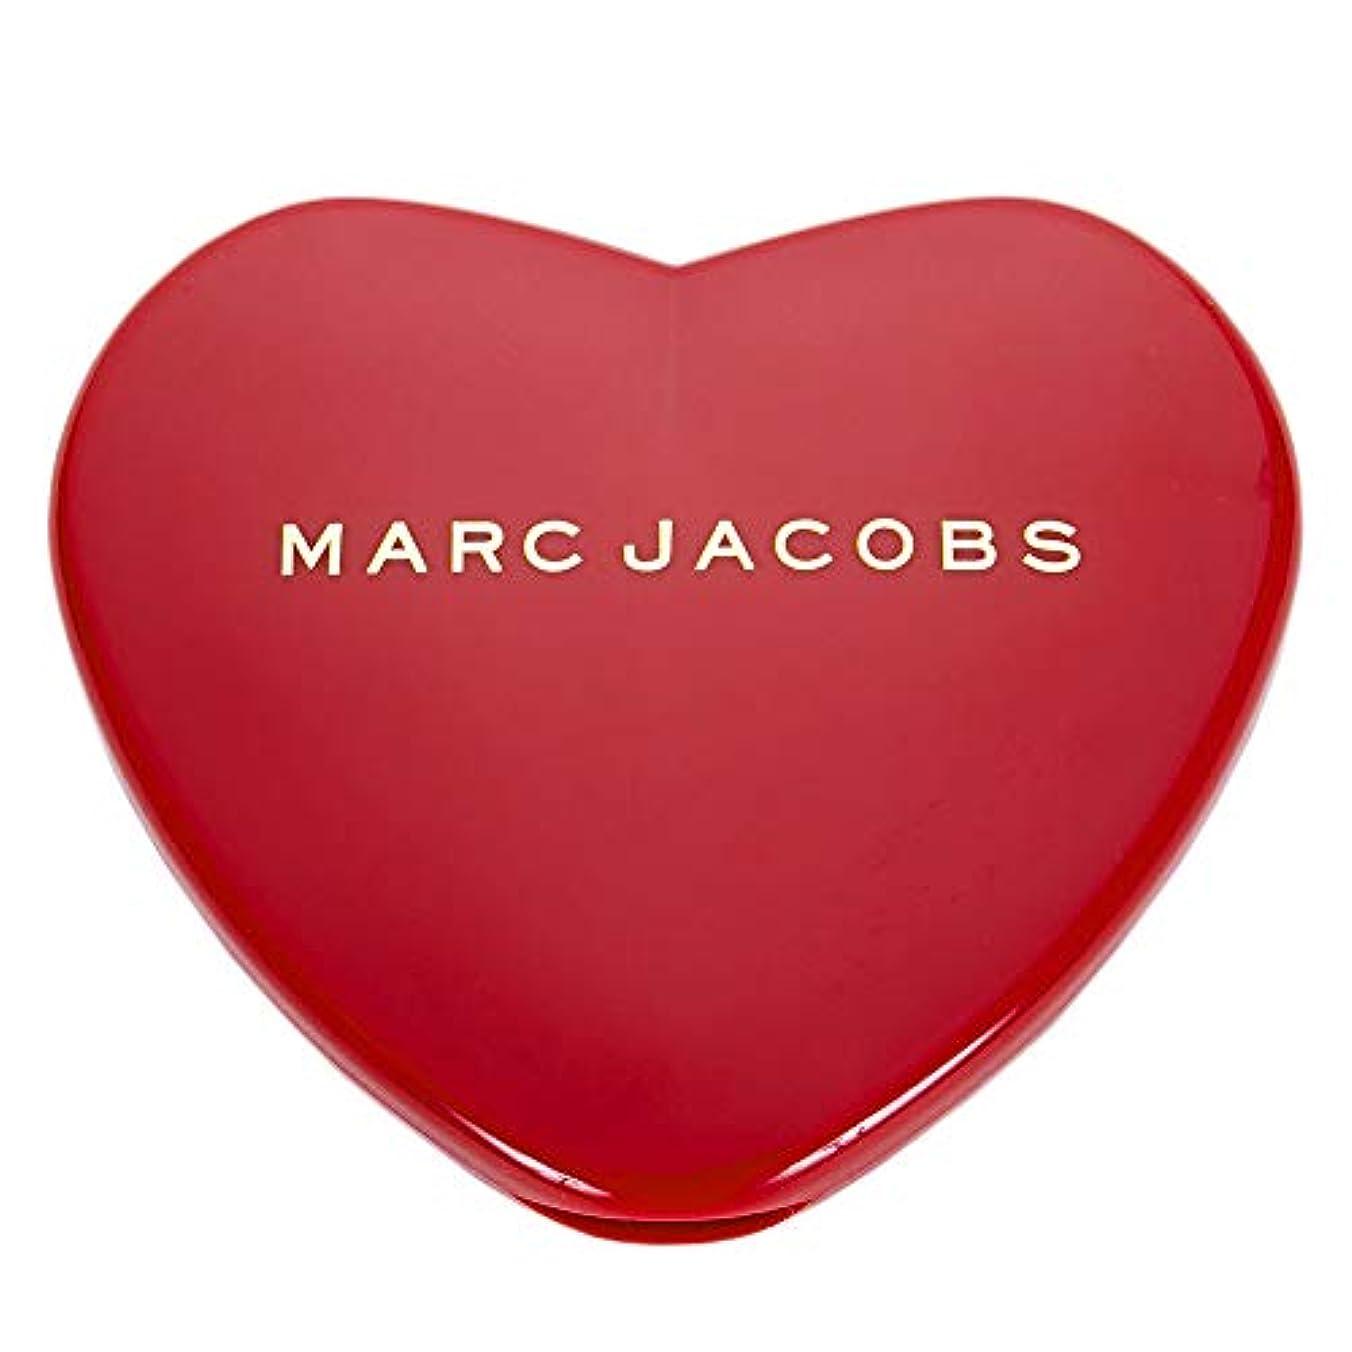 おとなしい対応するストレッチ[名入れ対応可] MARC JACOBS マークジェイコブス ハート コンパクトミラー コスメ 折りたたみ (名入れなし)